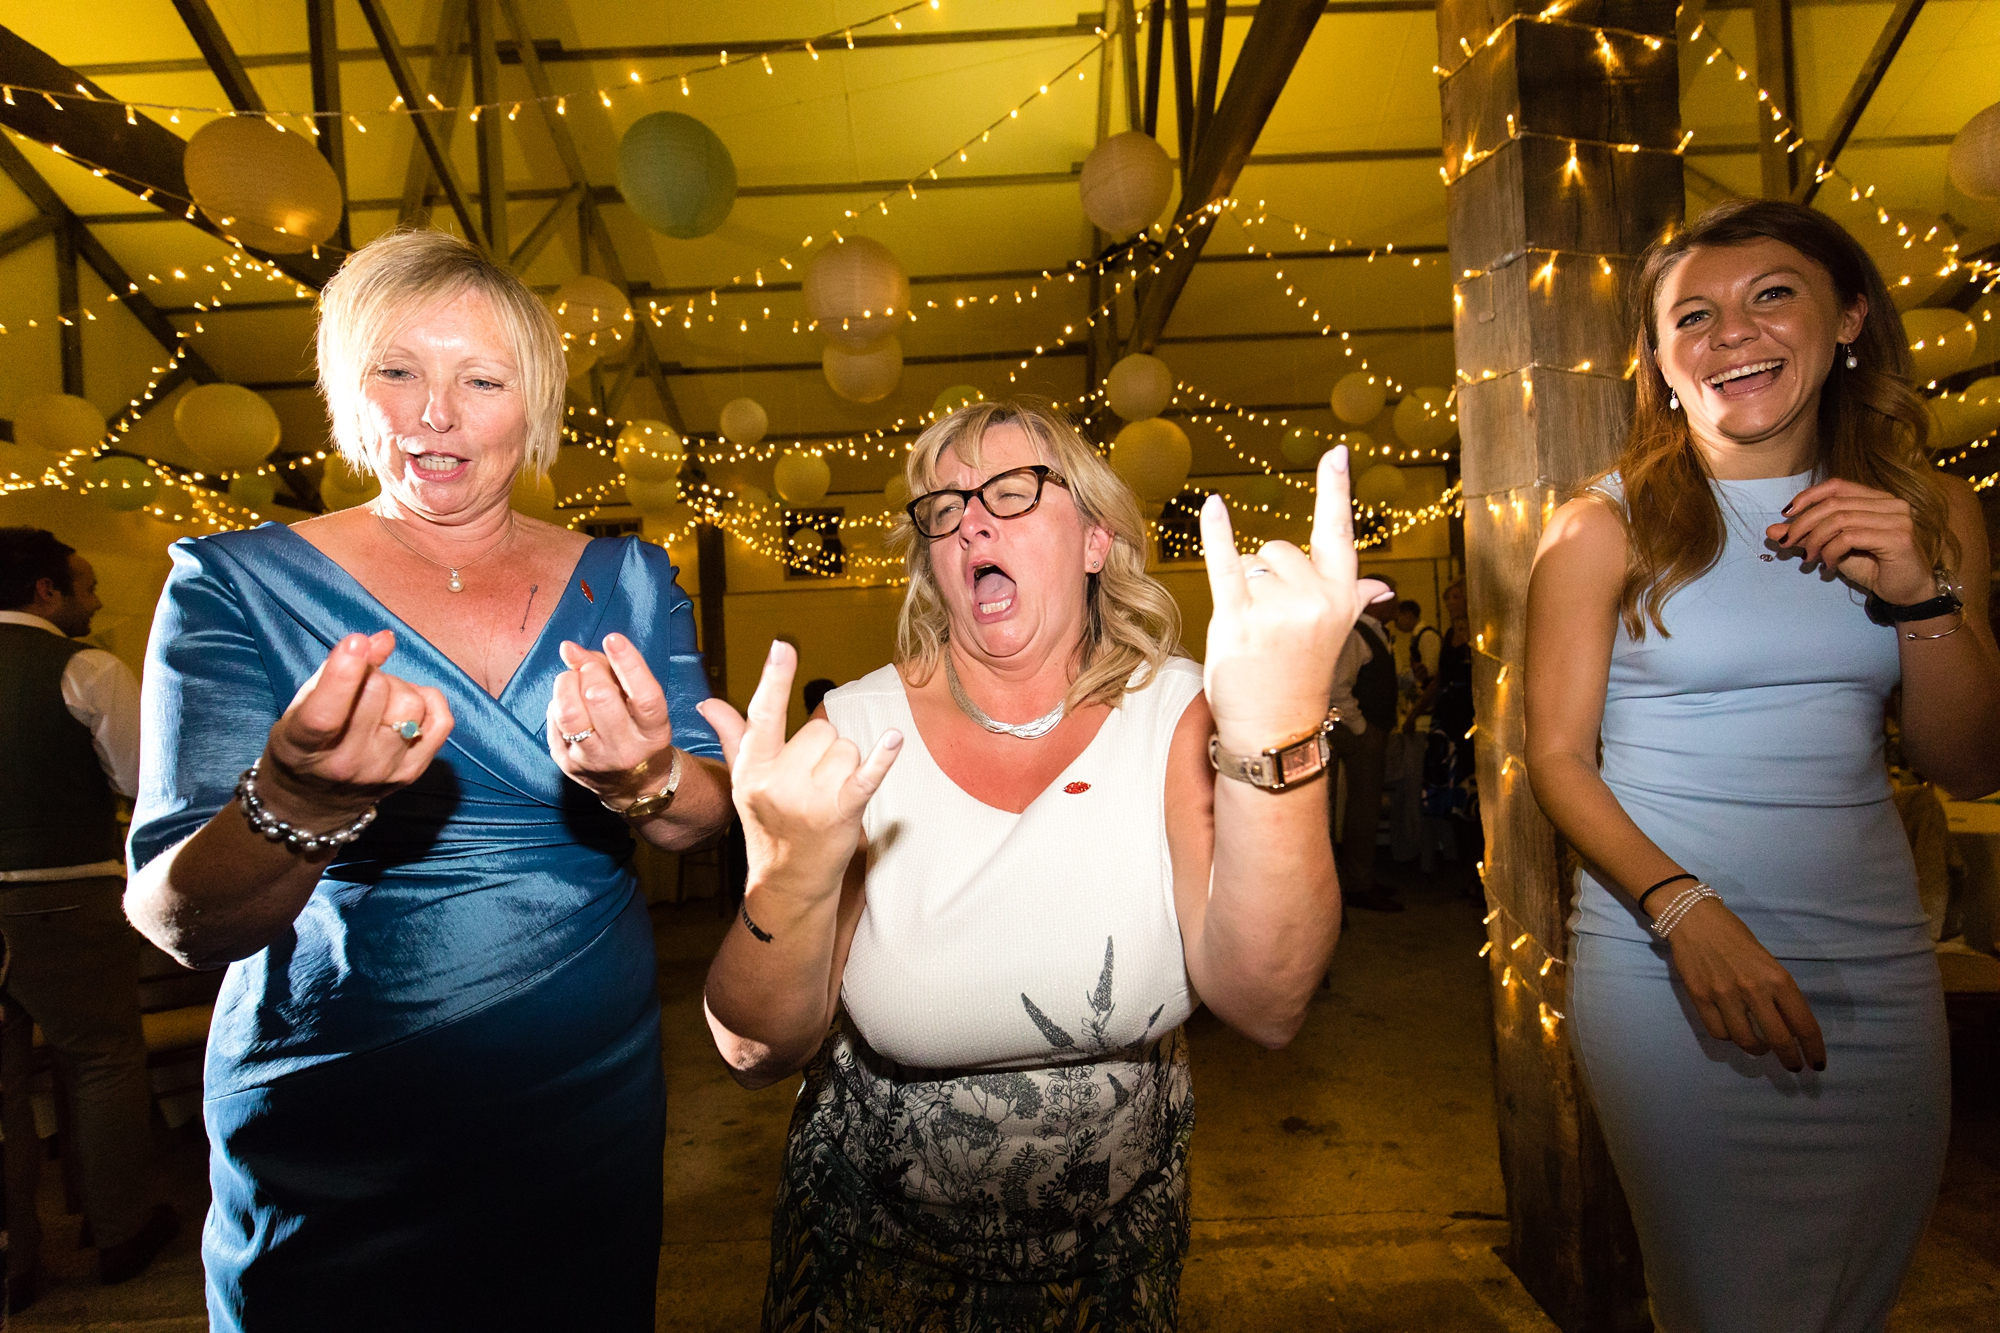 Funny face during wedding dance photos